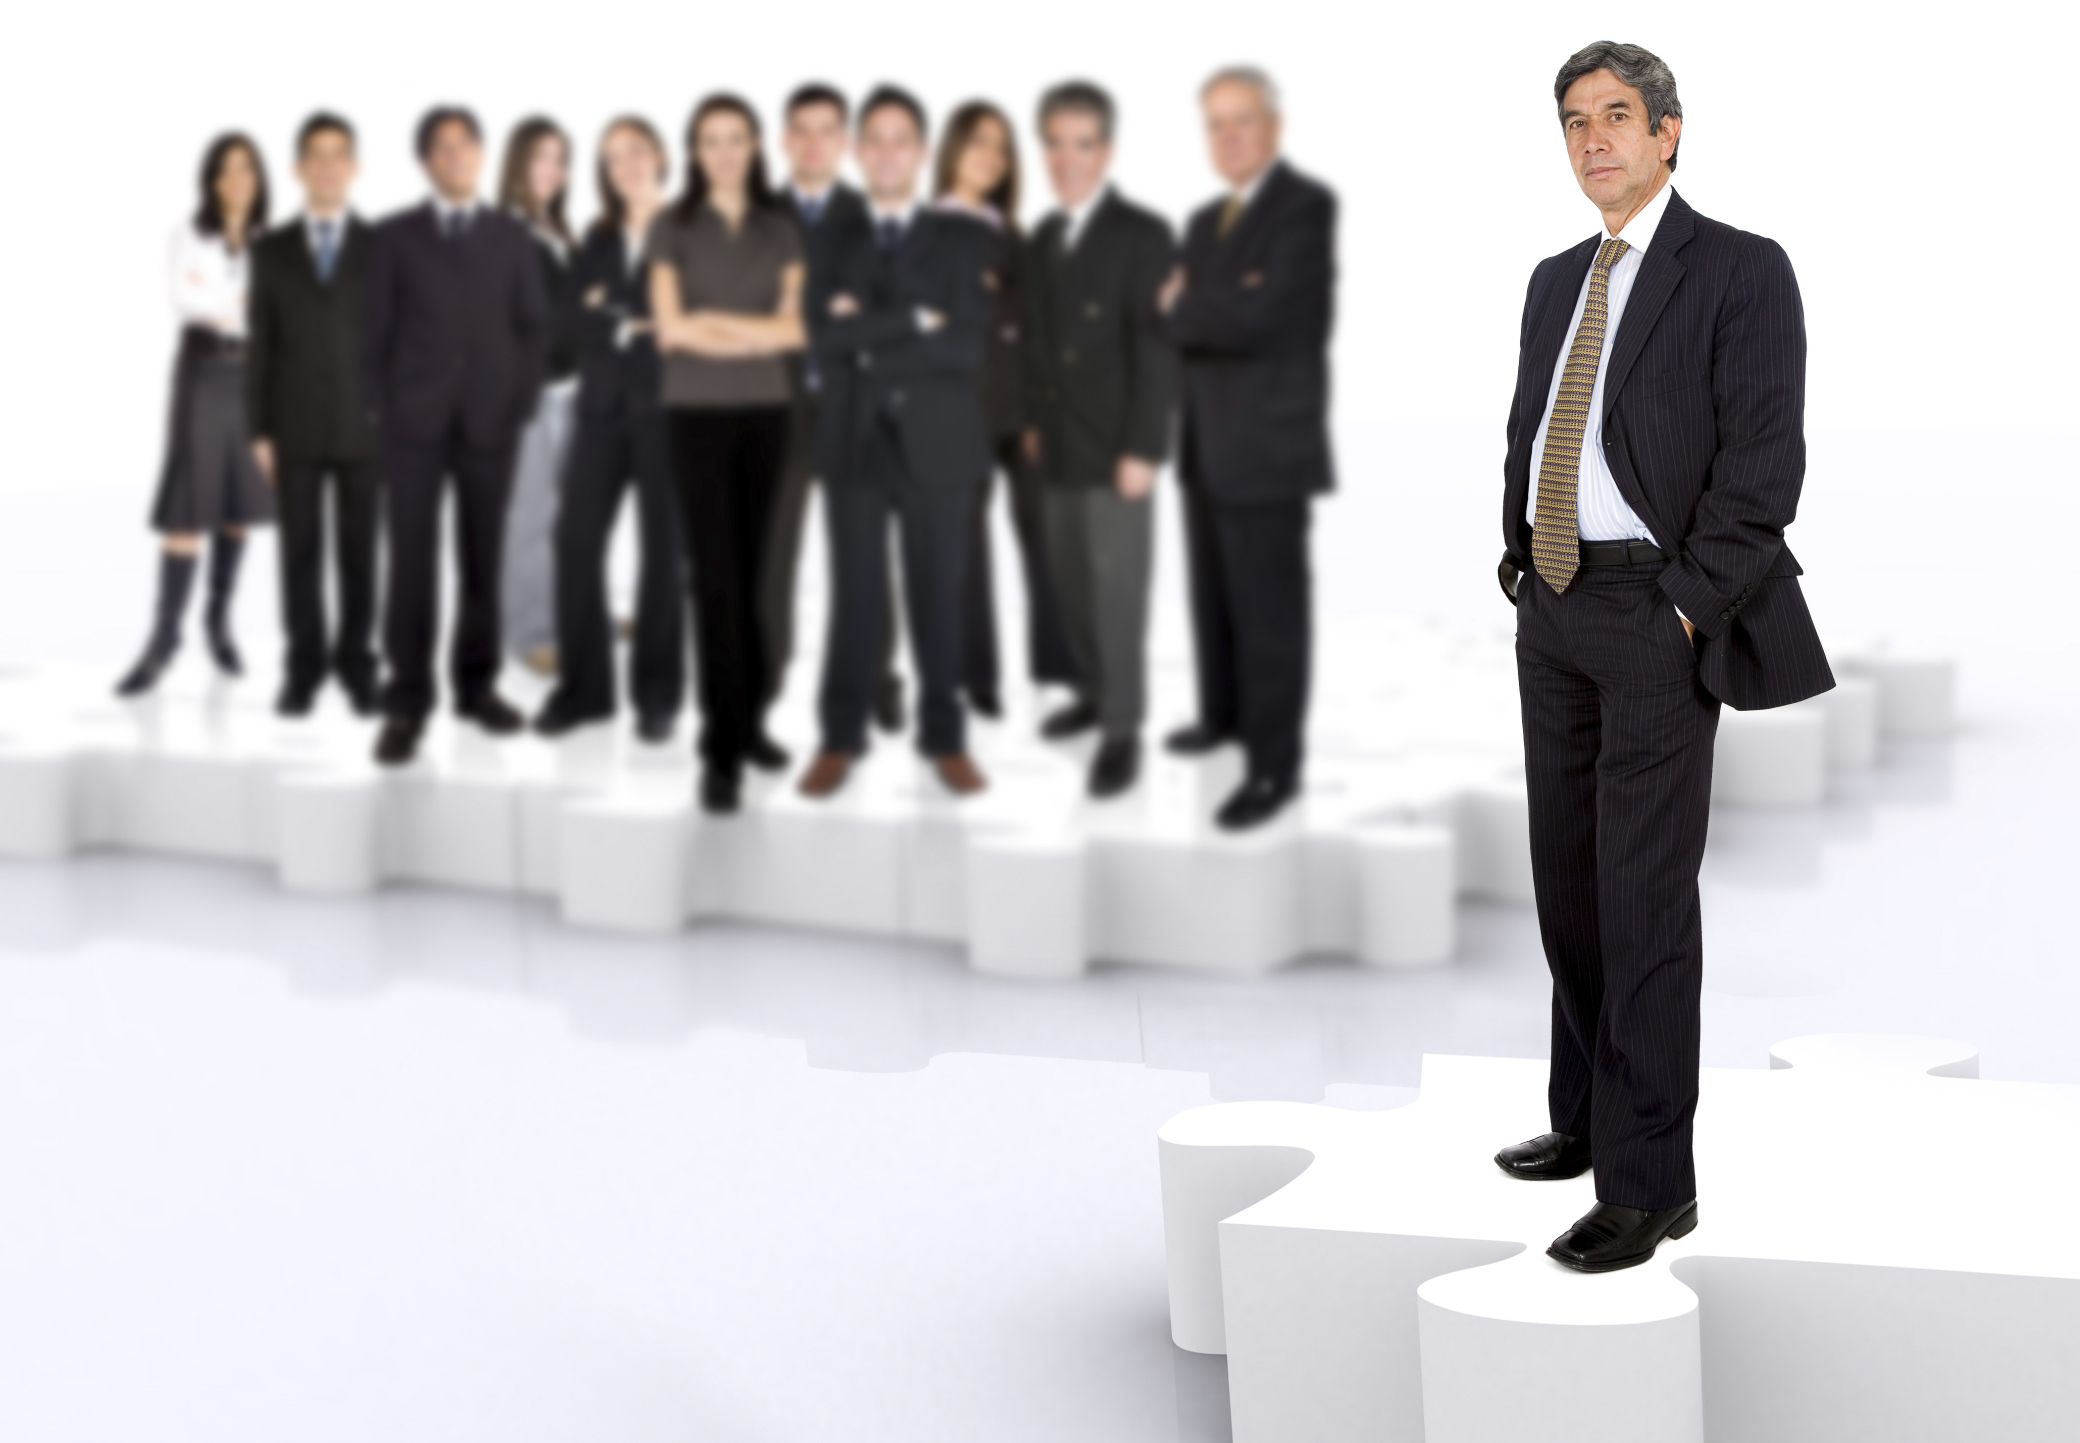 De ce pierd din popularitate anumiti lideri